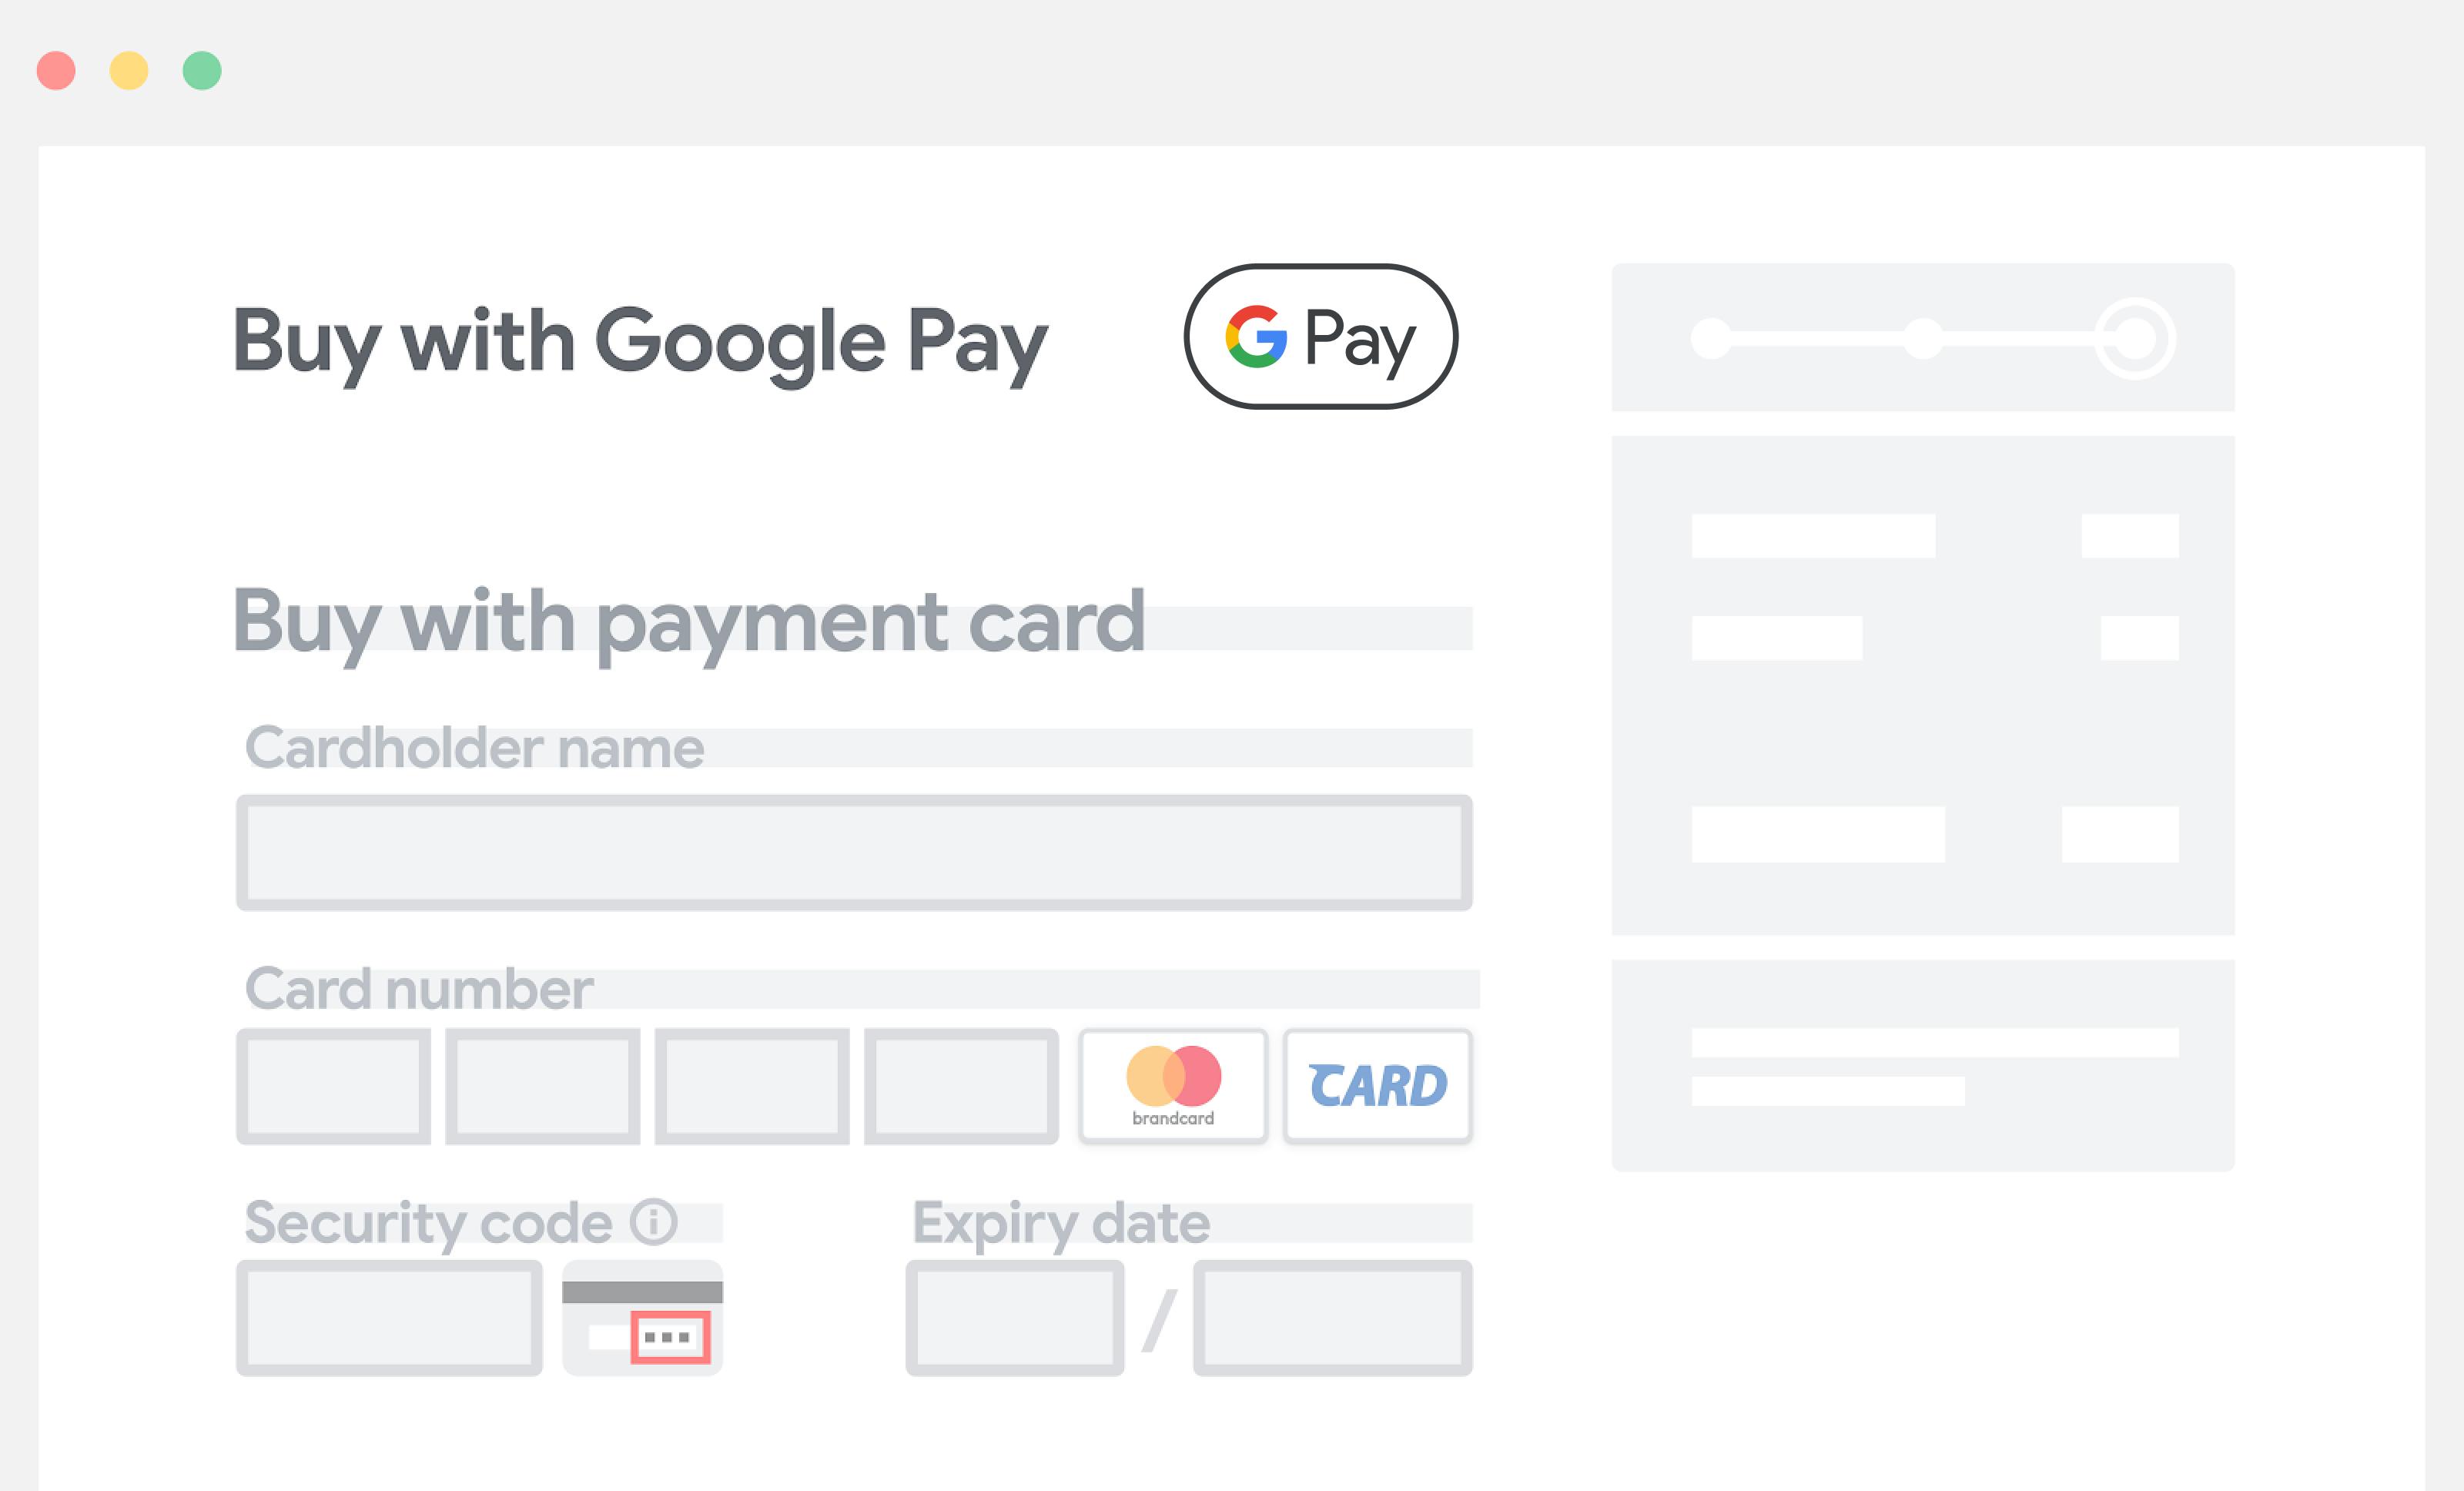 將 Google Pay 置於須手動輸入付款資訊的欄位上方。